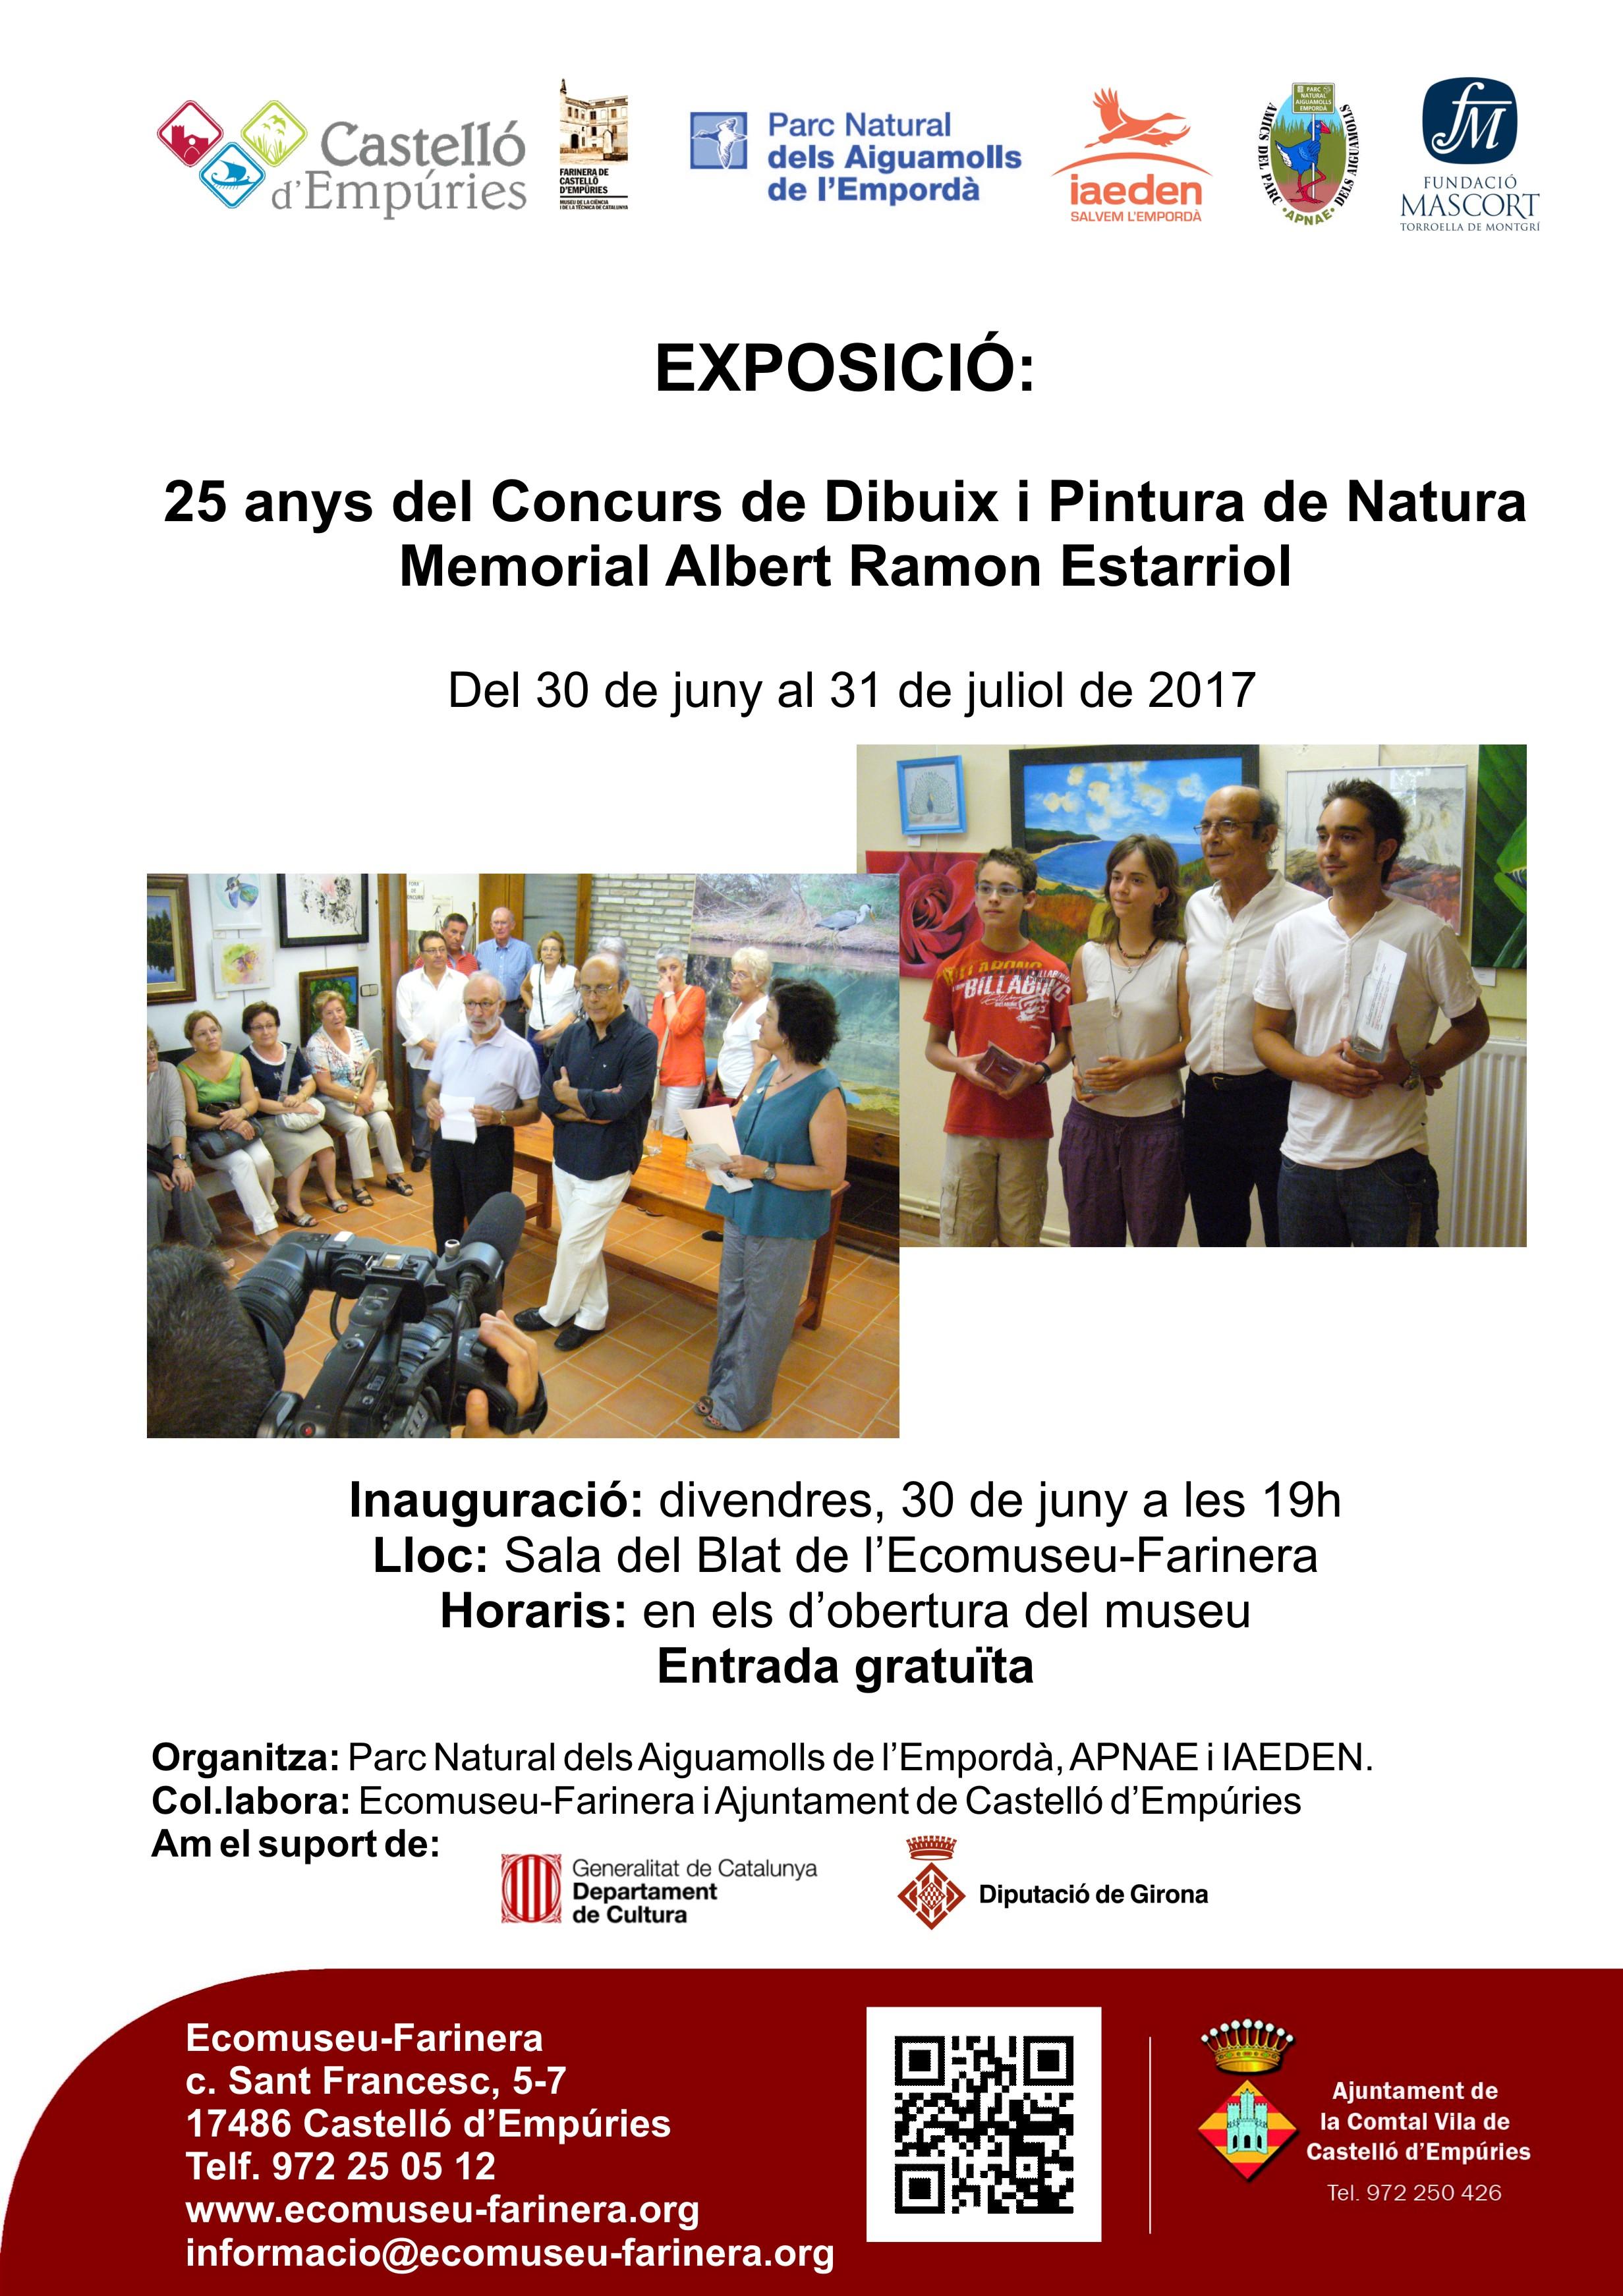 """Exposició retrospectiva: 25 anys de Concurs de Dibuix i pintura de la Natura """"Memorial Albert Ramon i Estarriol"""""""